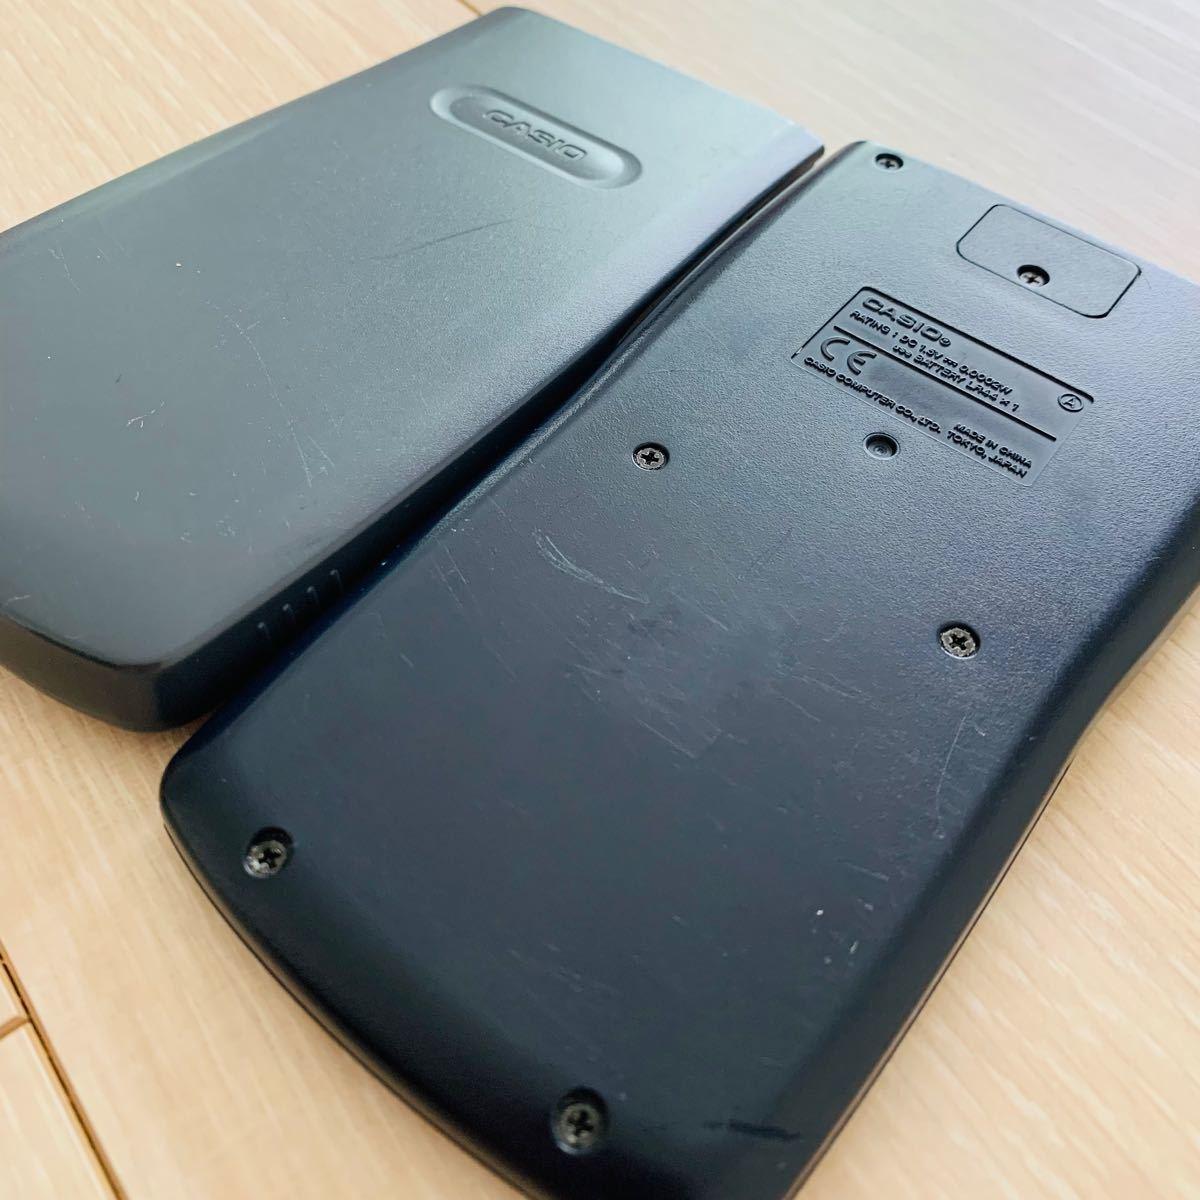 カシオ関数電卓 fx-350MS